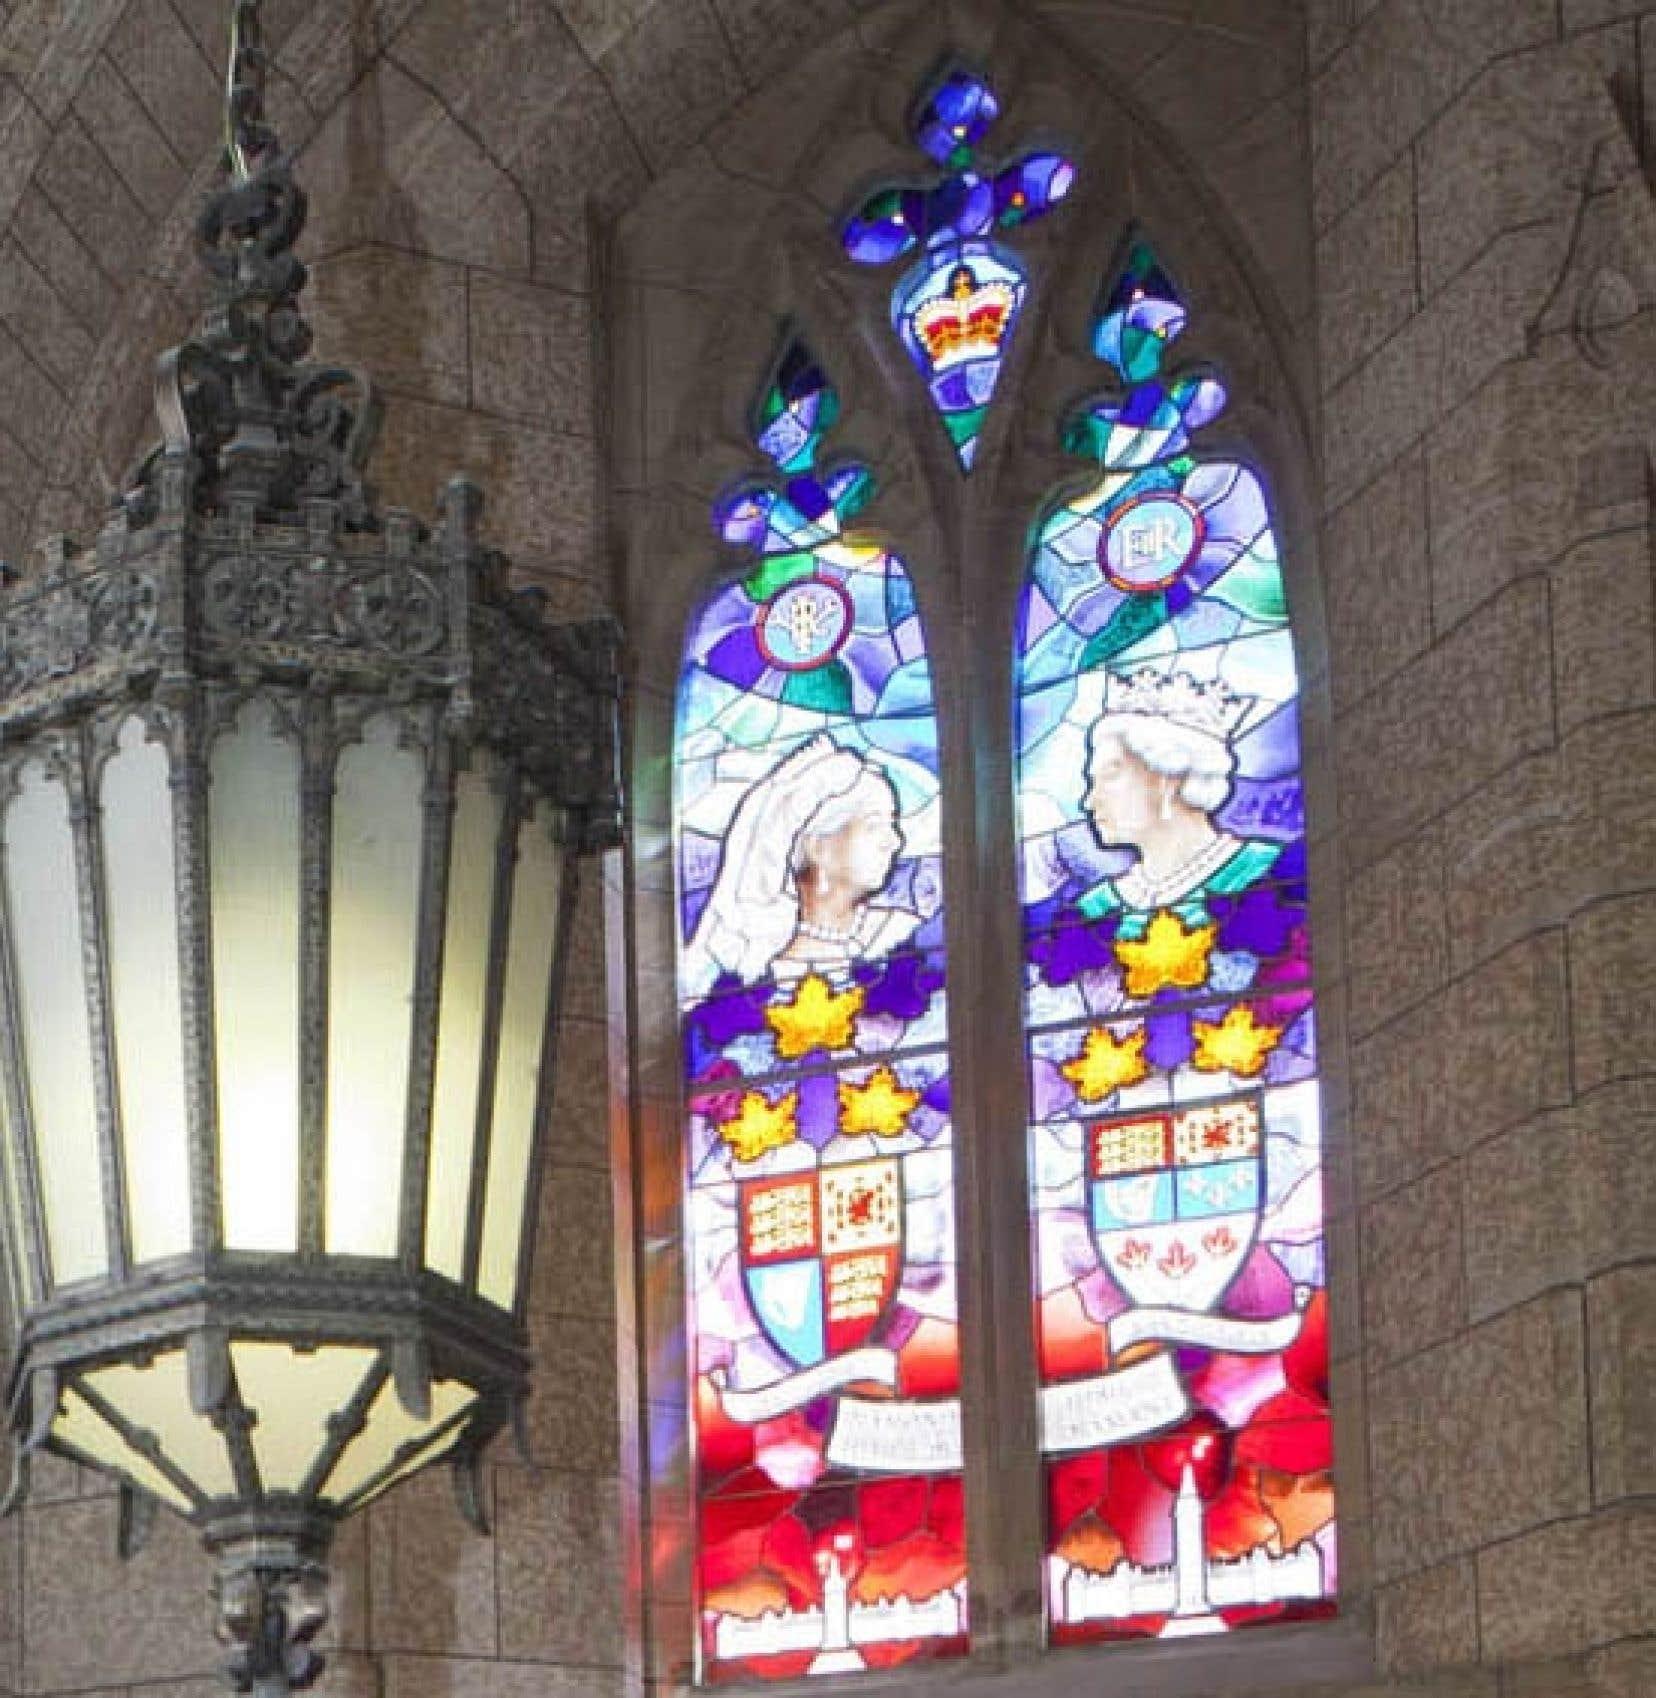 L'artiste Christopher Goodman indique que son vitrail consacré à la royauté britannique a été terminé il y a un an. Le gouvernement Harper l'a installé en catimini il y a deux semaines.<br />